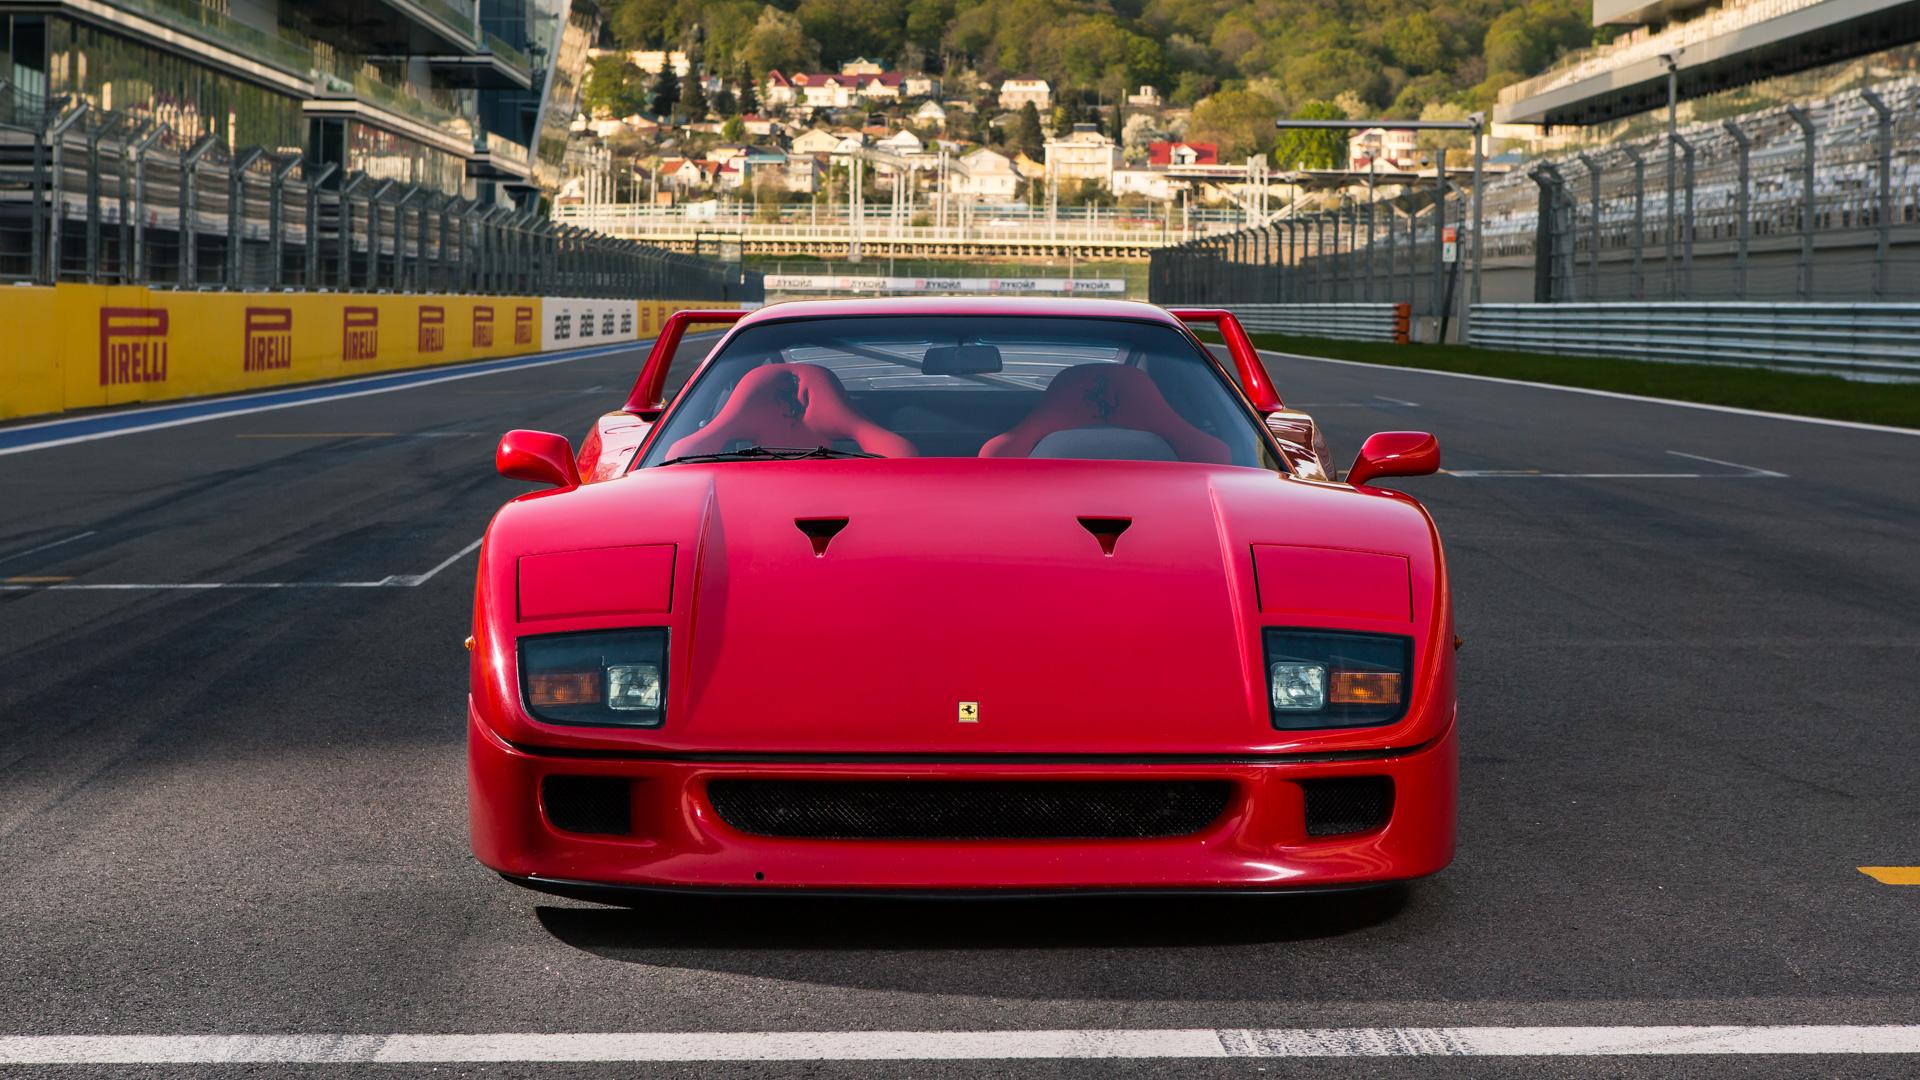 Тест-драйв турбо-Ferrari прошлого инастоящего. Часть вторая: Ferrari F40. Фото 10